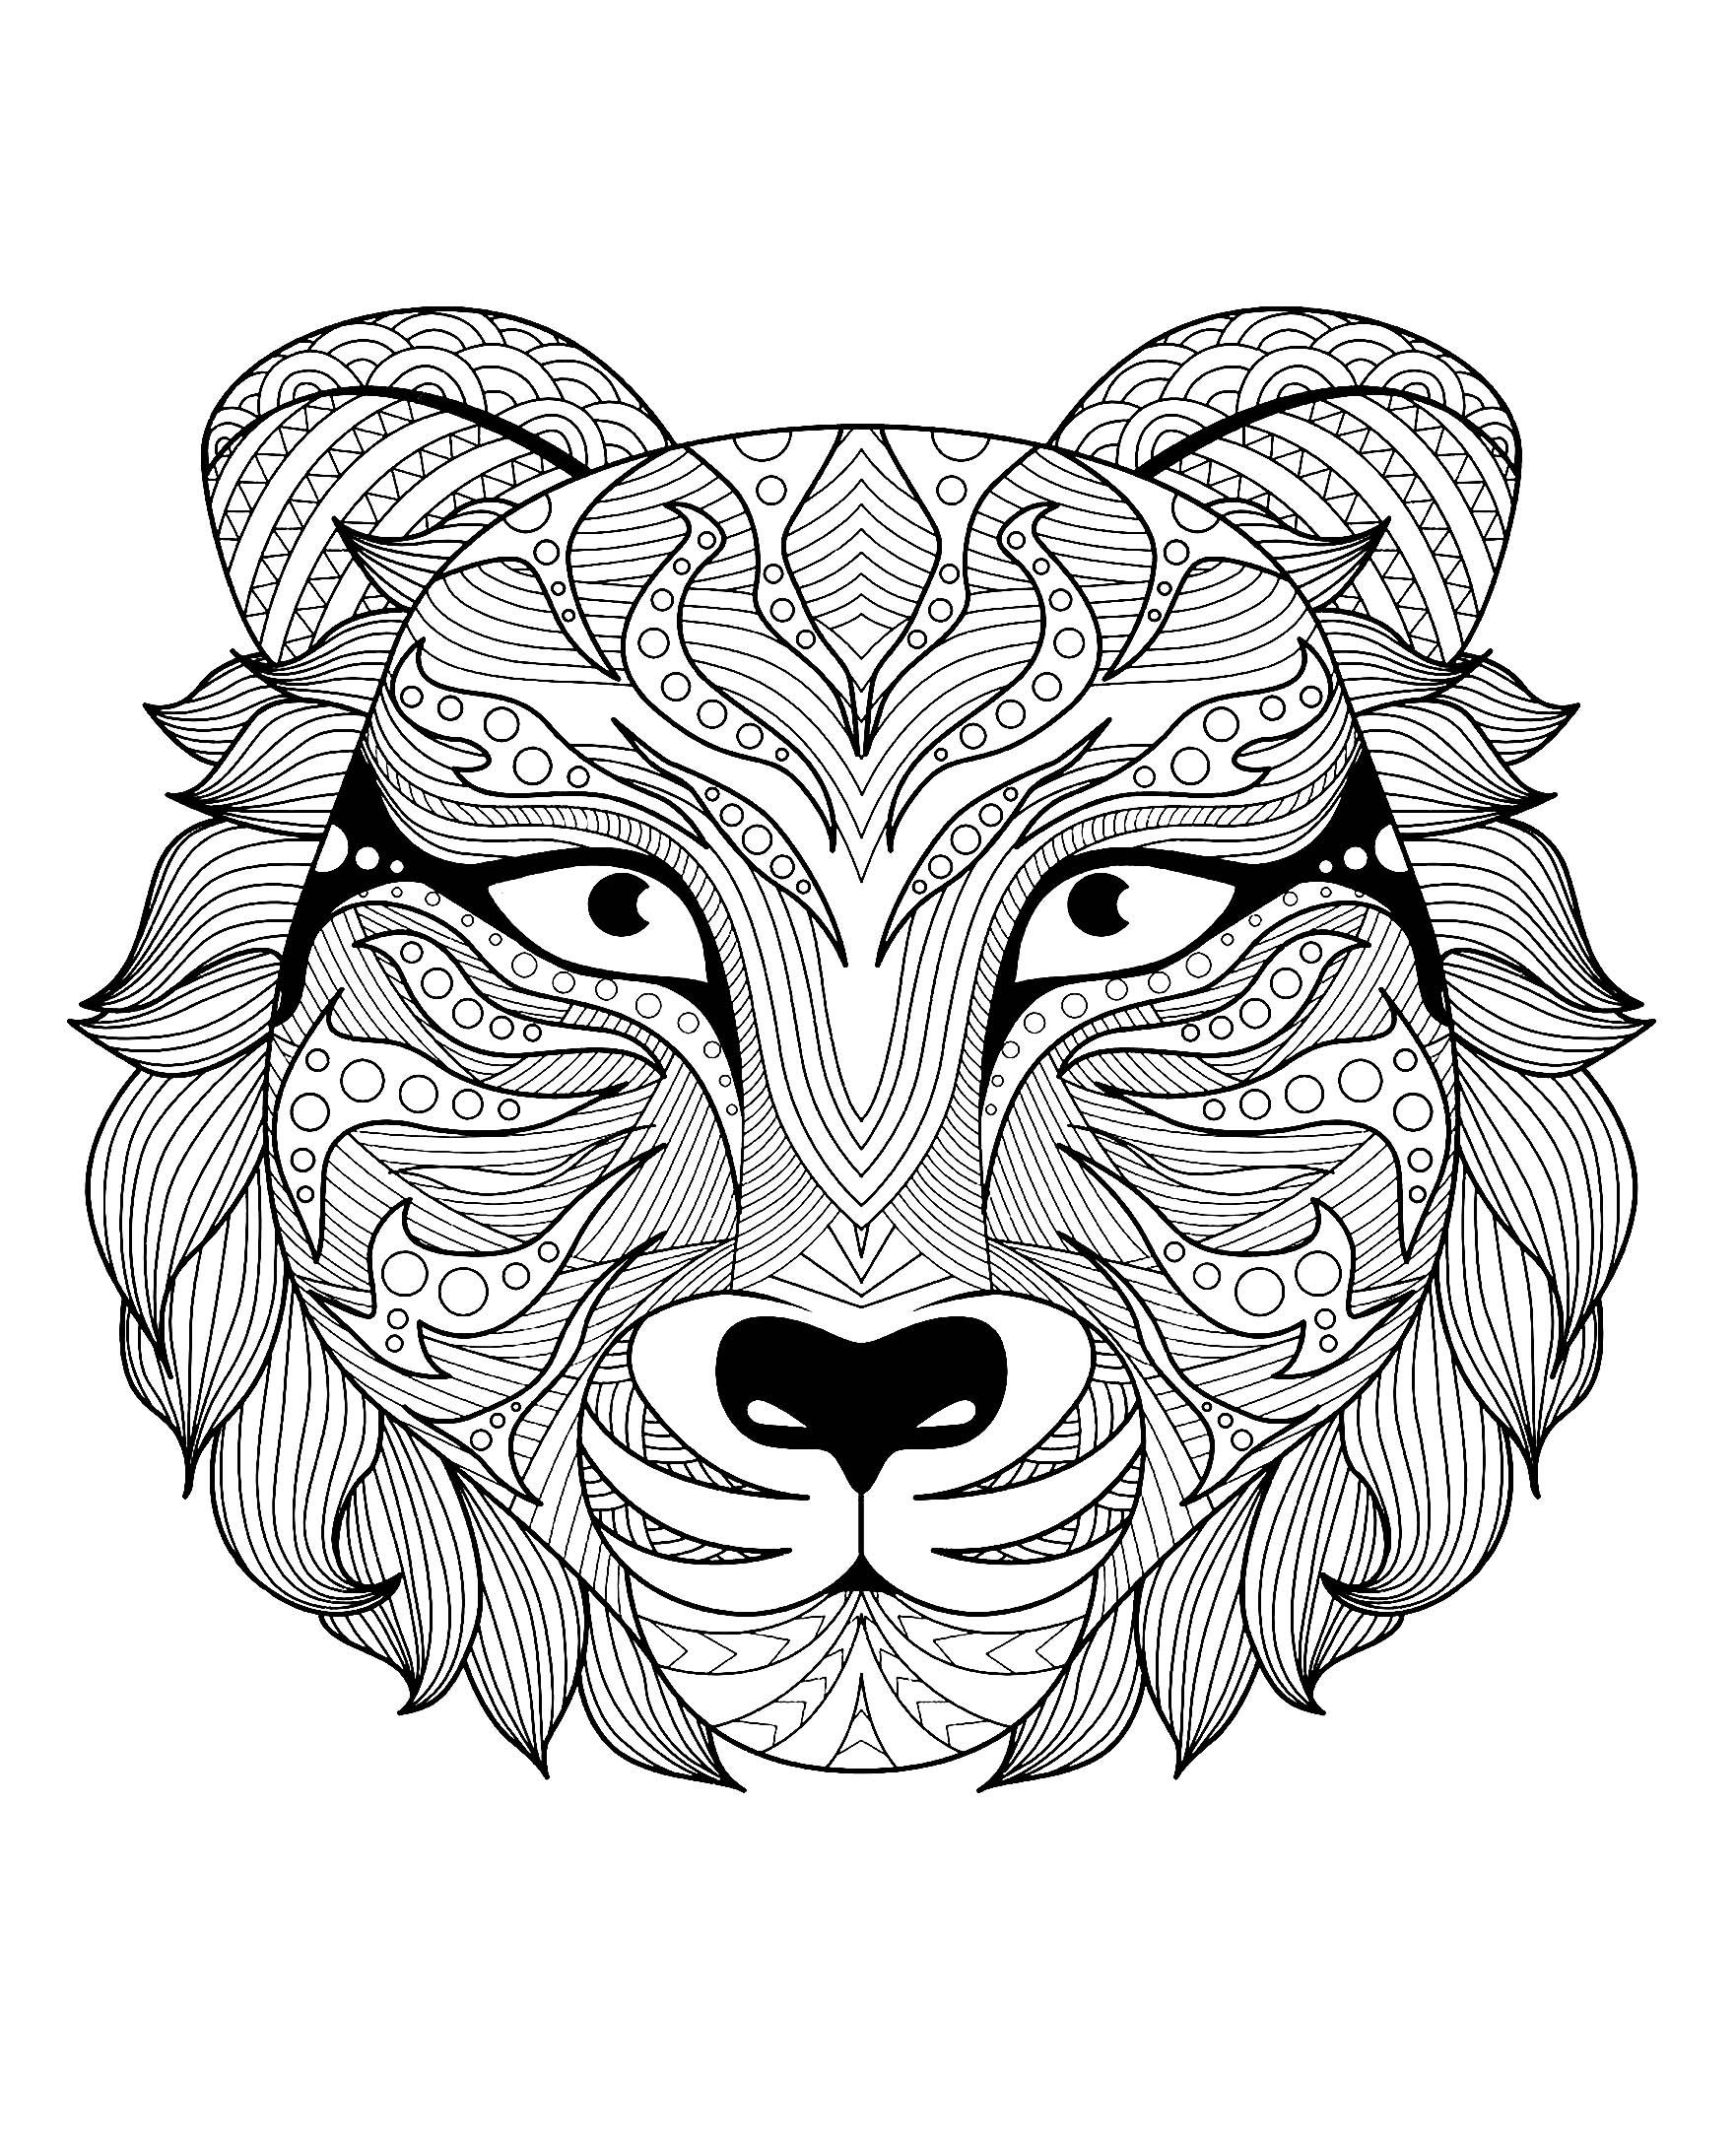 Magnifique tete de tigre tigres coloriages difficiles pour adultes - Coloriage magnifique ...